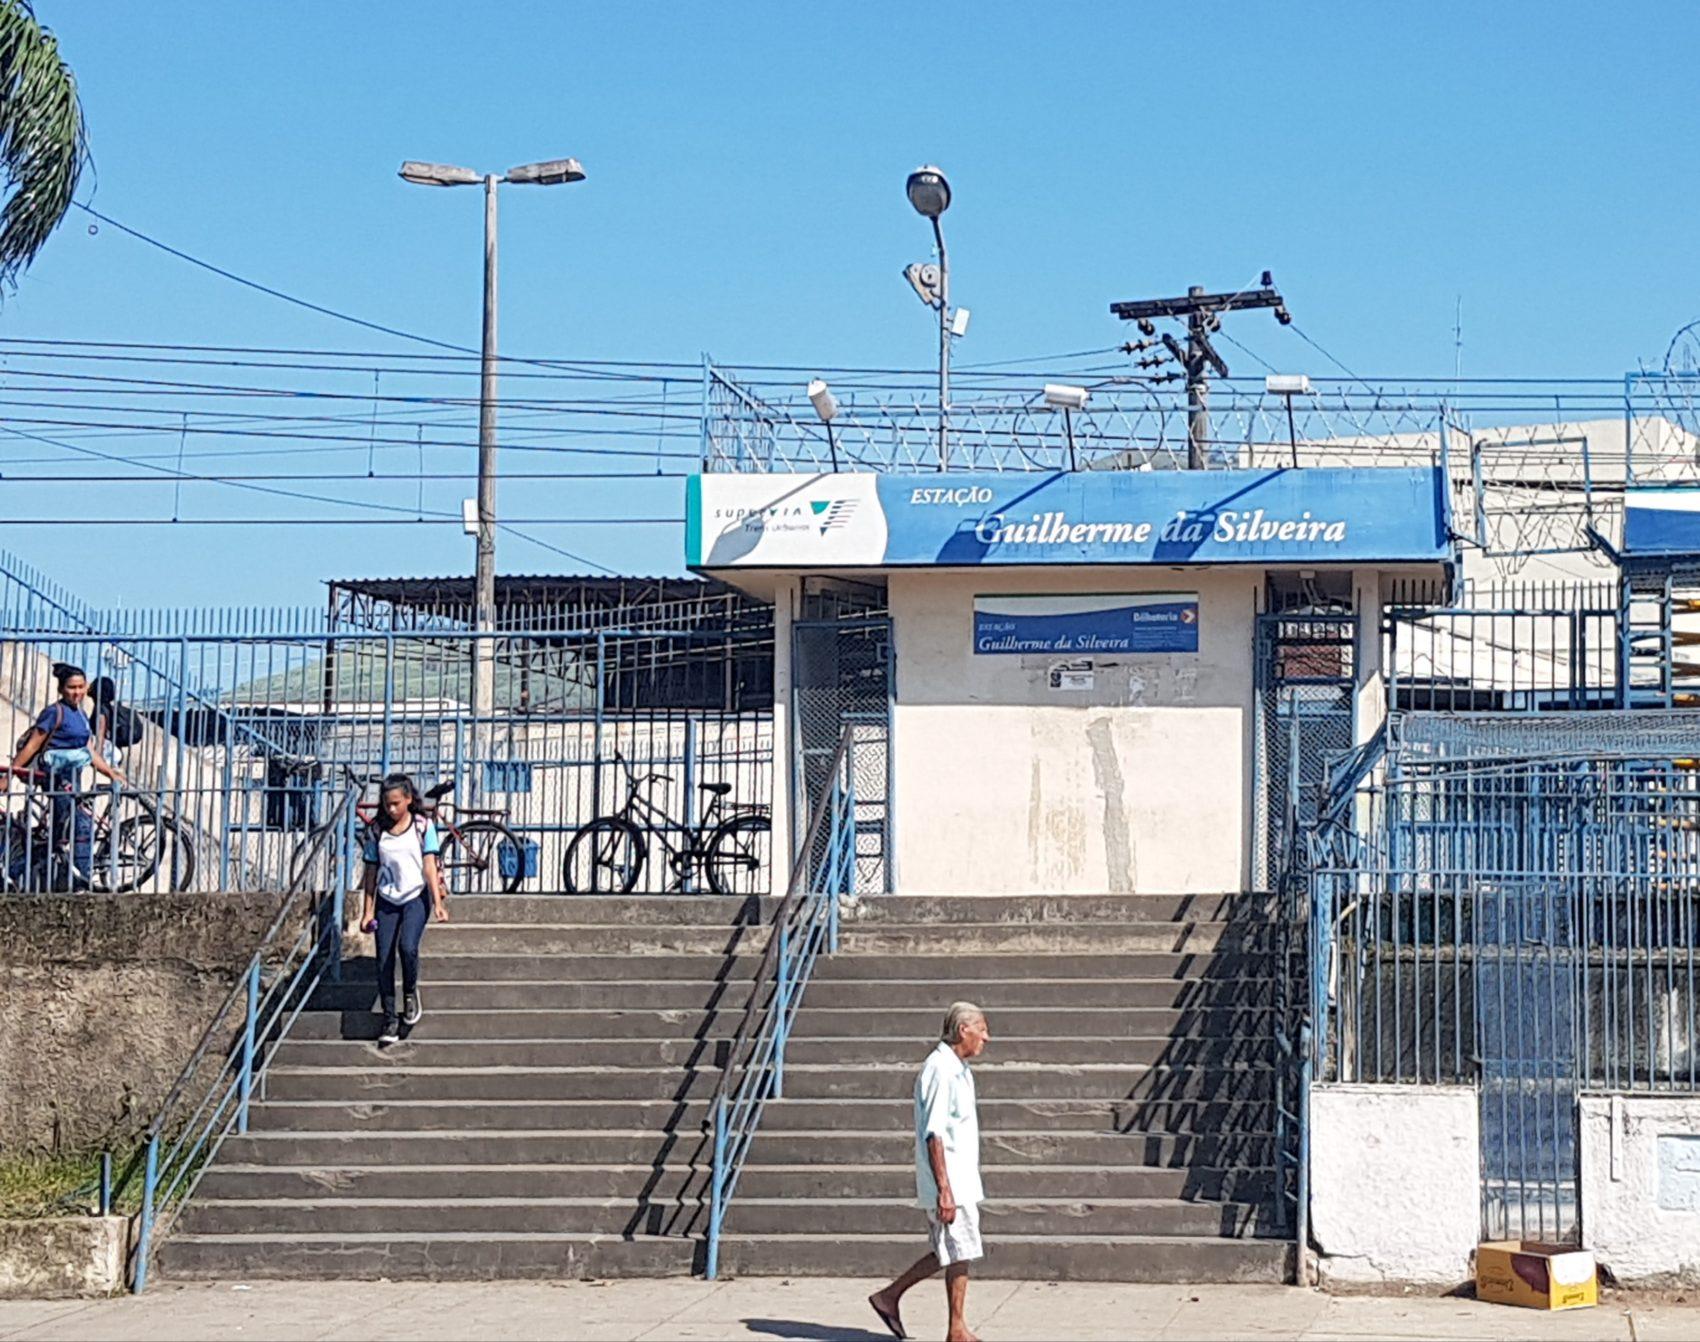 Estação Guilherme da Silveira: batizada, como o estádio, com o nome do ex-presidente da Fábrica e do Banco do Brasil (Foto: Oscar Valporto)